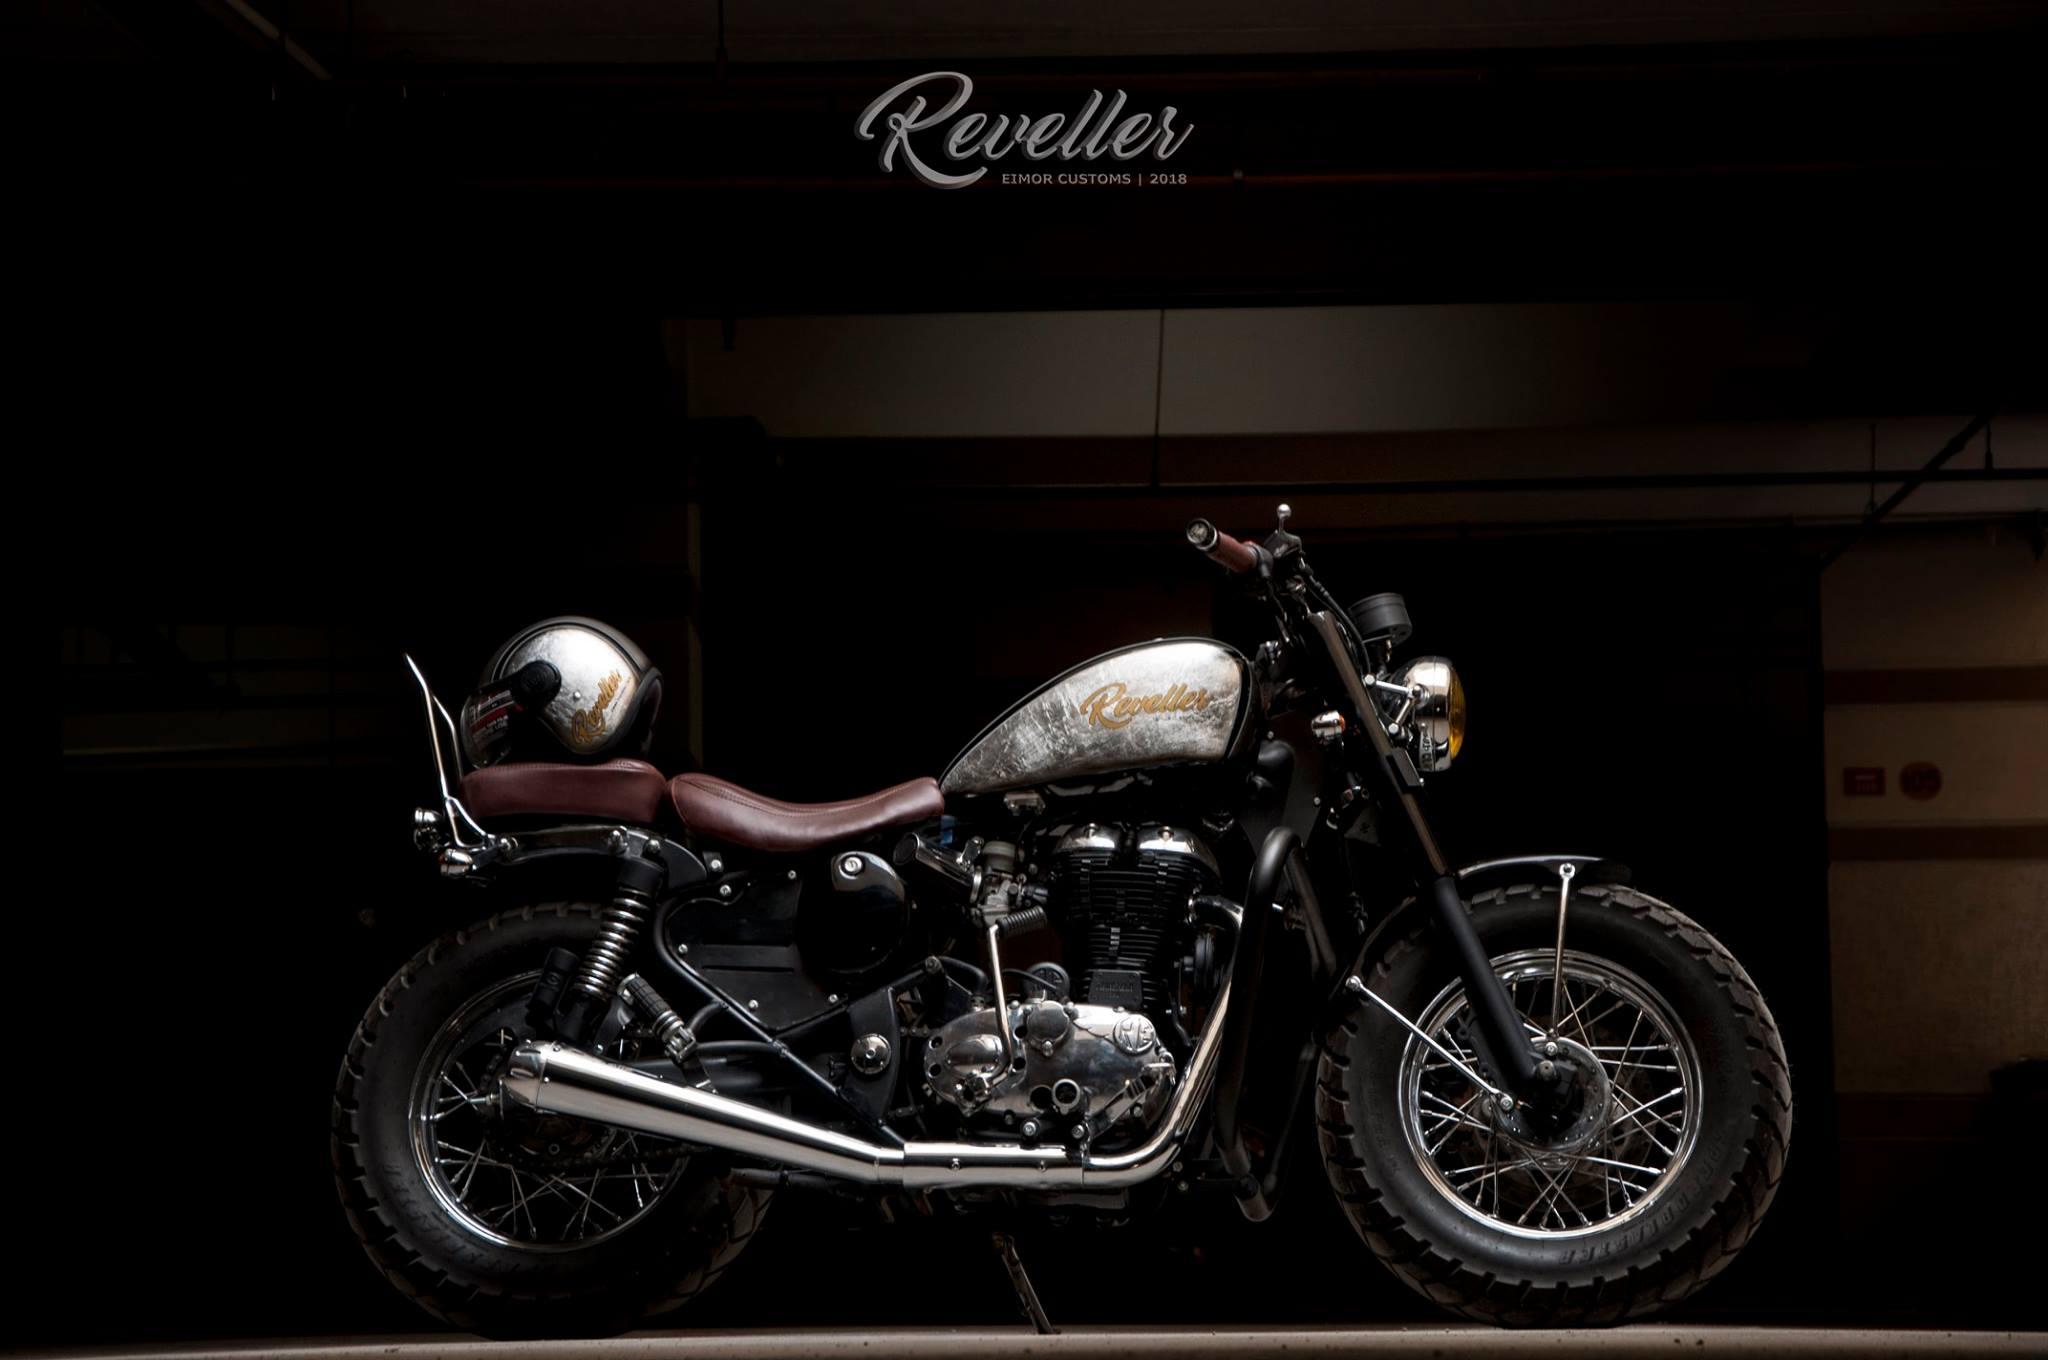 Reveller (10)